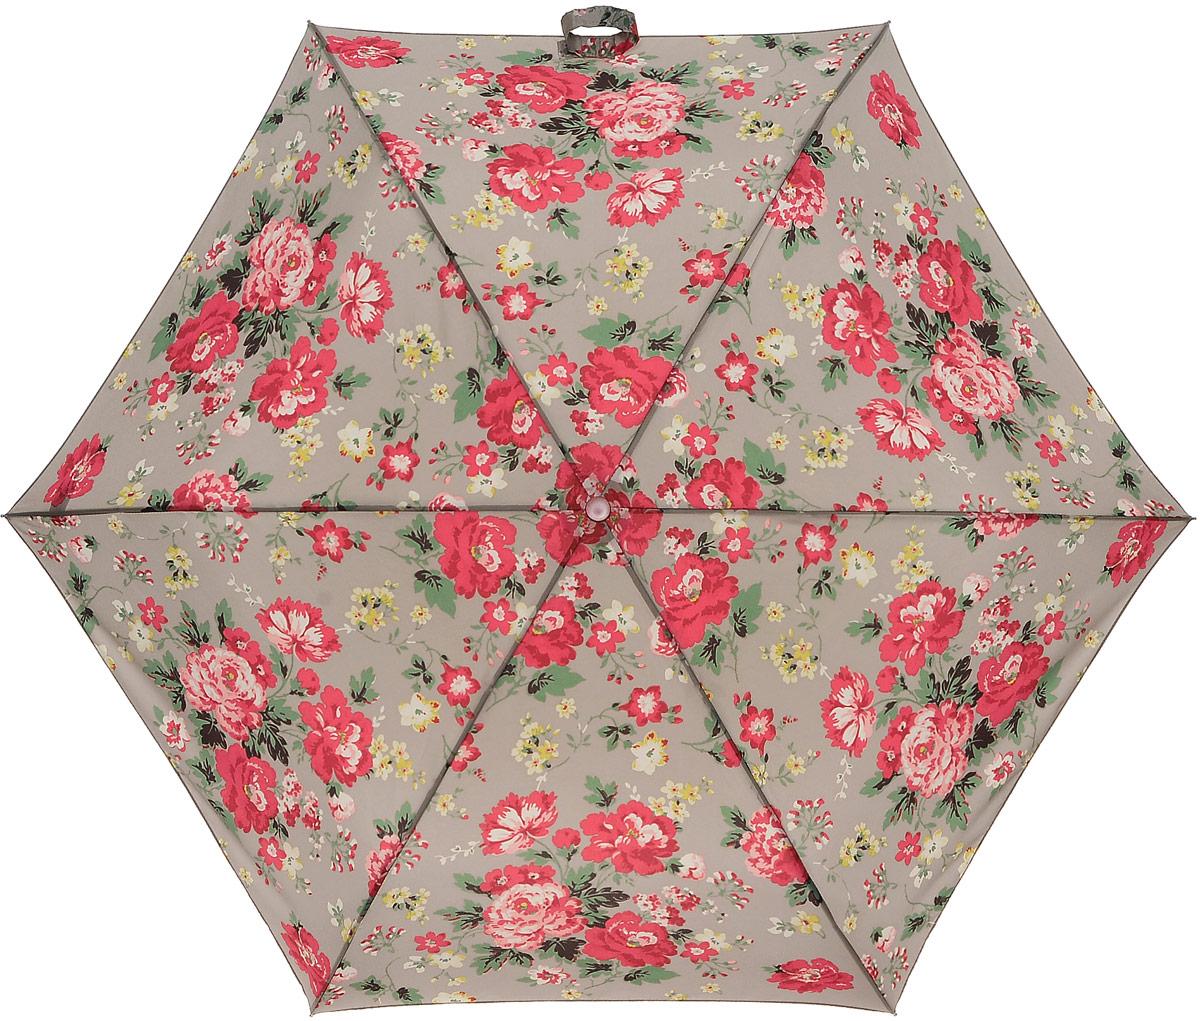 Зонт женский Cath Kidston Minilite, механический, 3 сложения, цвет: светло-серый, красный, зеленый. L768-3072REM12-CAM-GREENBLACKСтильный механический зонт Cath Kidston Minilite в 3 сложения даже в ненастную погоду позволит вам оставаться элегантной. Облегченный каркас зонта выполнен из 8 спиц из фибергласса и алюминия, стержень также изготовлен из алюминия, удобная рукоятка - из пластика. Купол зонта выполнен из прочного полиэстера. В закрытом виде застегивается хлястиком на липучке. Яркий оригинальный цветочный принт поднимет настроение в дождливый день.Зонт механического сложения: купол открывается и закрывается вручную до характерного щелчка.На рукоятке для удобства есть небольшой шнурок, позволяющий надеть зонт на руку тогда, когда это будет необходимо. К зонту прилагается чехол с небольшой нашивкой с названием бренда. Такой зонт компактно располагается в кармане, сумочке, дверке автомобиля.